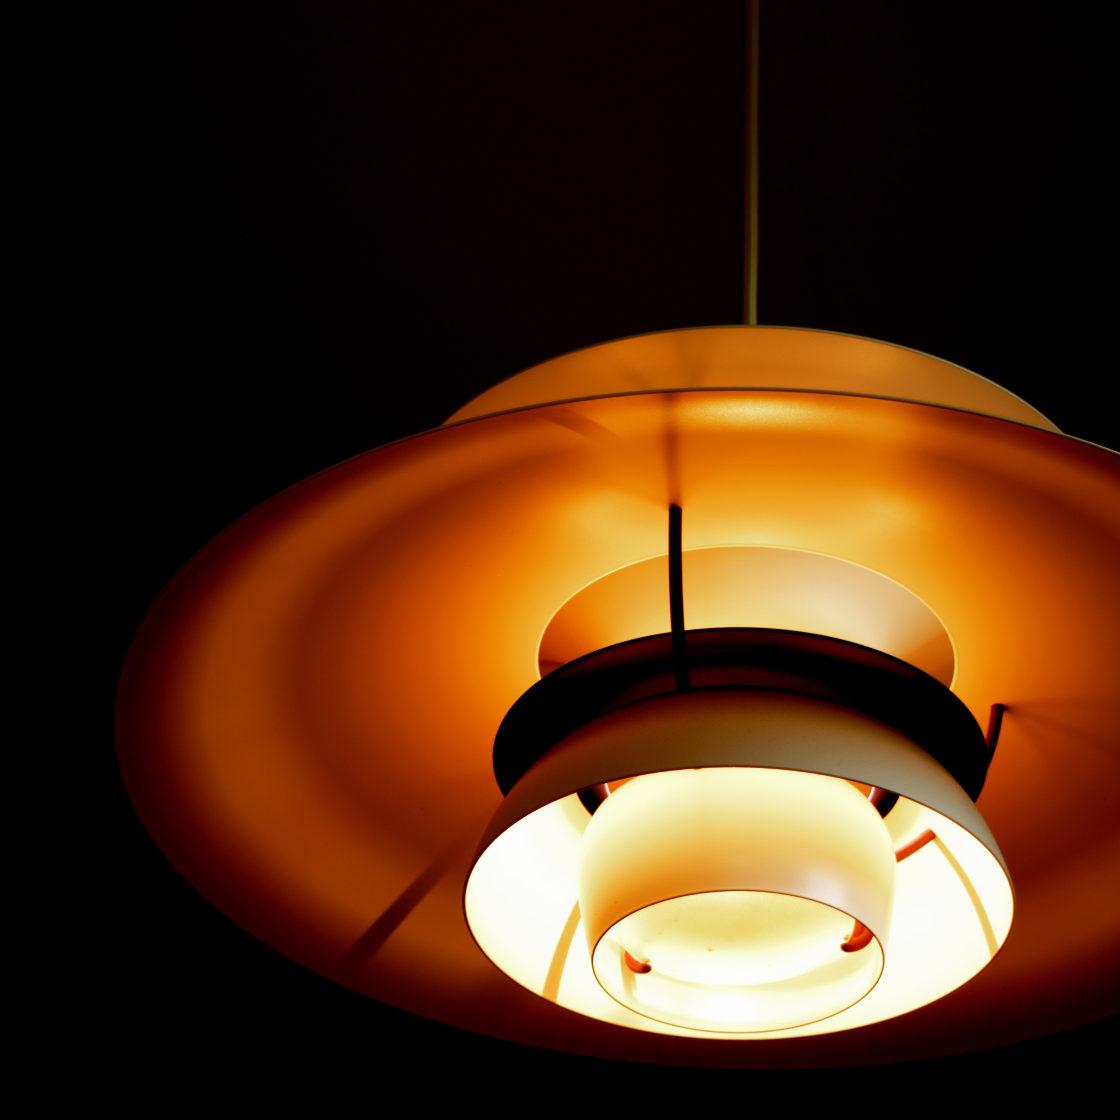 louis-povlsen-lampe